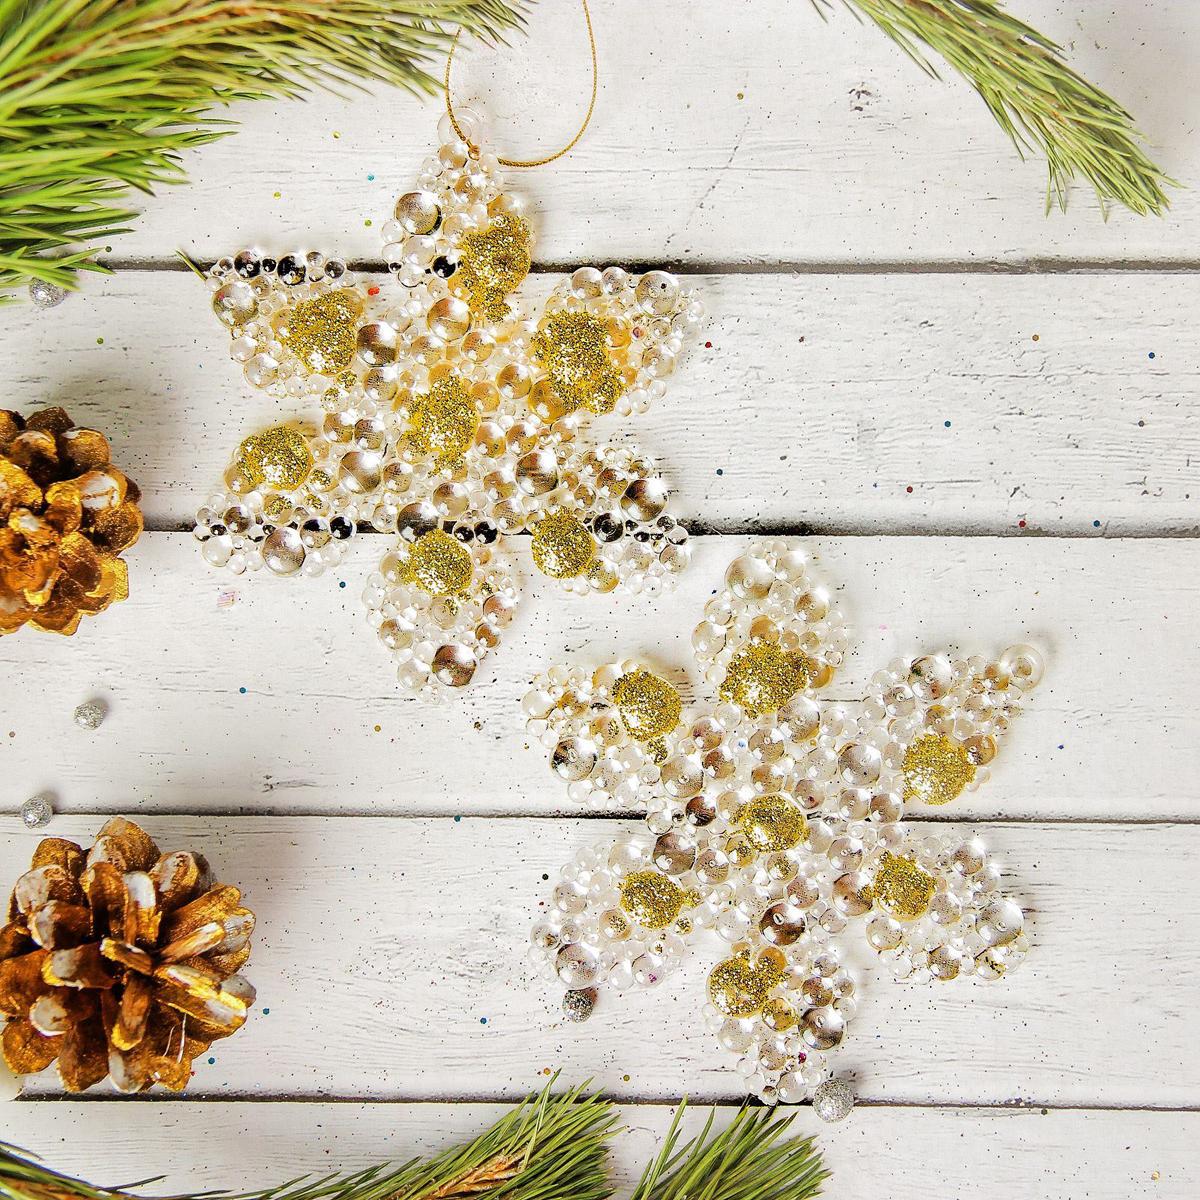 Набор новогодних подвесных украшений Sima-land Снежинка с золотыми крапинками, 9 см, 2 шт2372160Набор новогодних подвесных украшений Sima-land отлично подойдет для декорации вашего дома и новогодней ели. Новогодние украшения можно повесить в любом понравившемся вам месте. Но, конечно, удачнее всего они будет смотреться на праздничной елке.Елочная игрушка - символ Нового года. Она несет в себе волшебство и красоту праздника. Такое украшение создаст в вашем доме атмосферу праздника, веселья и радости.